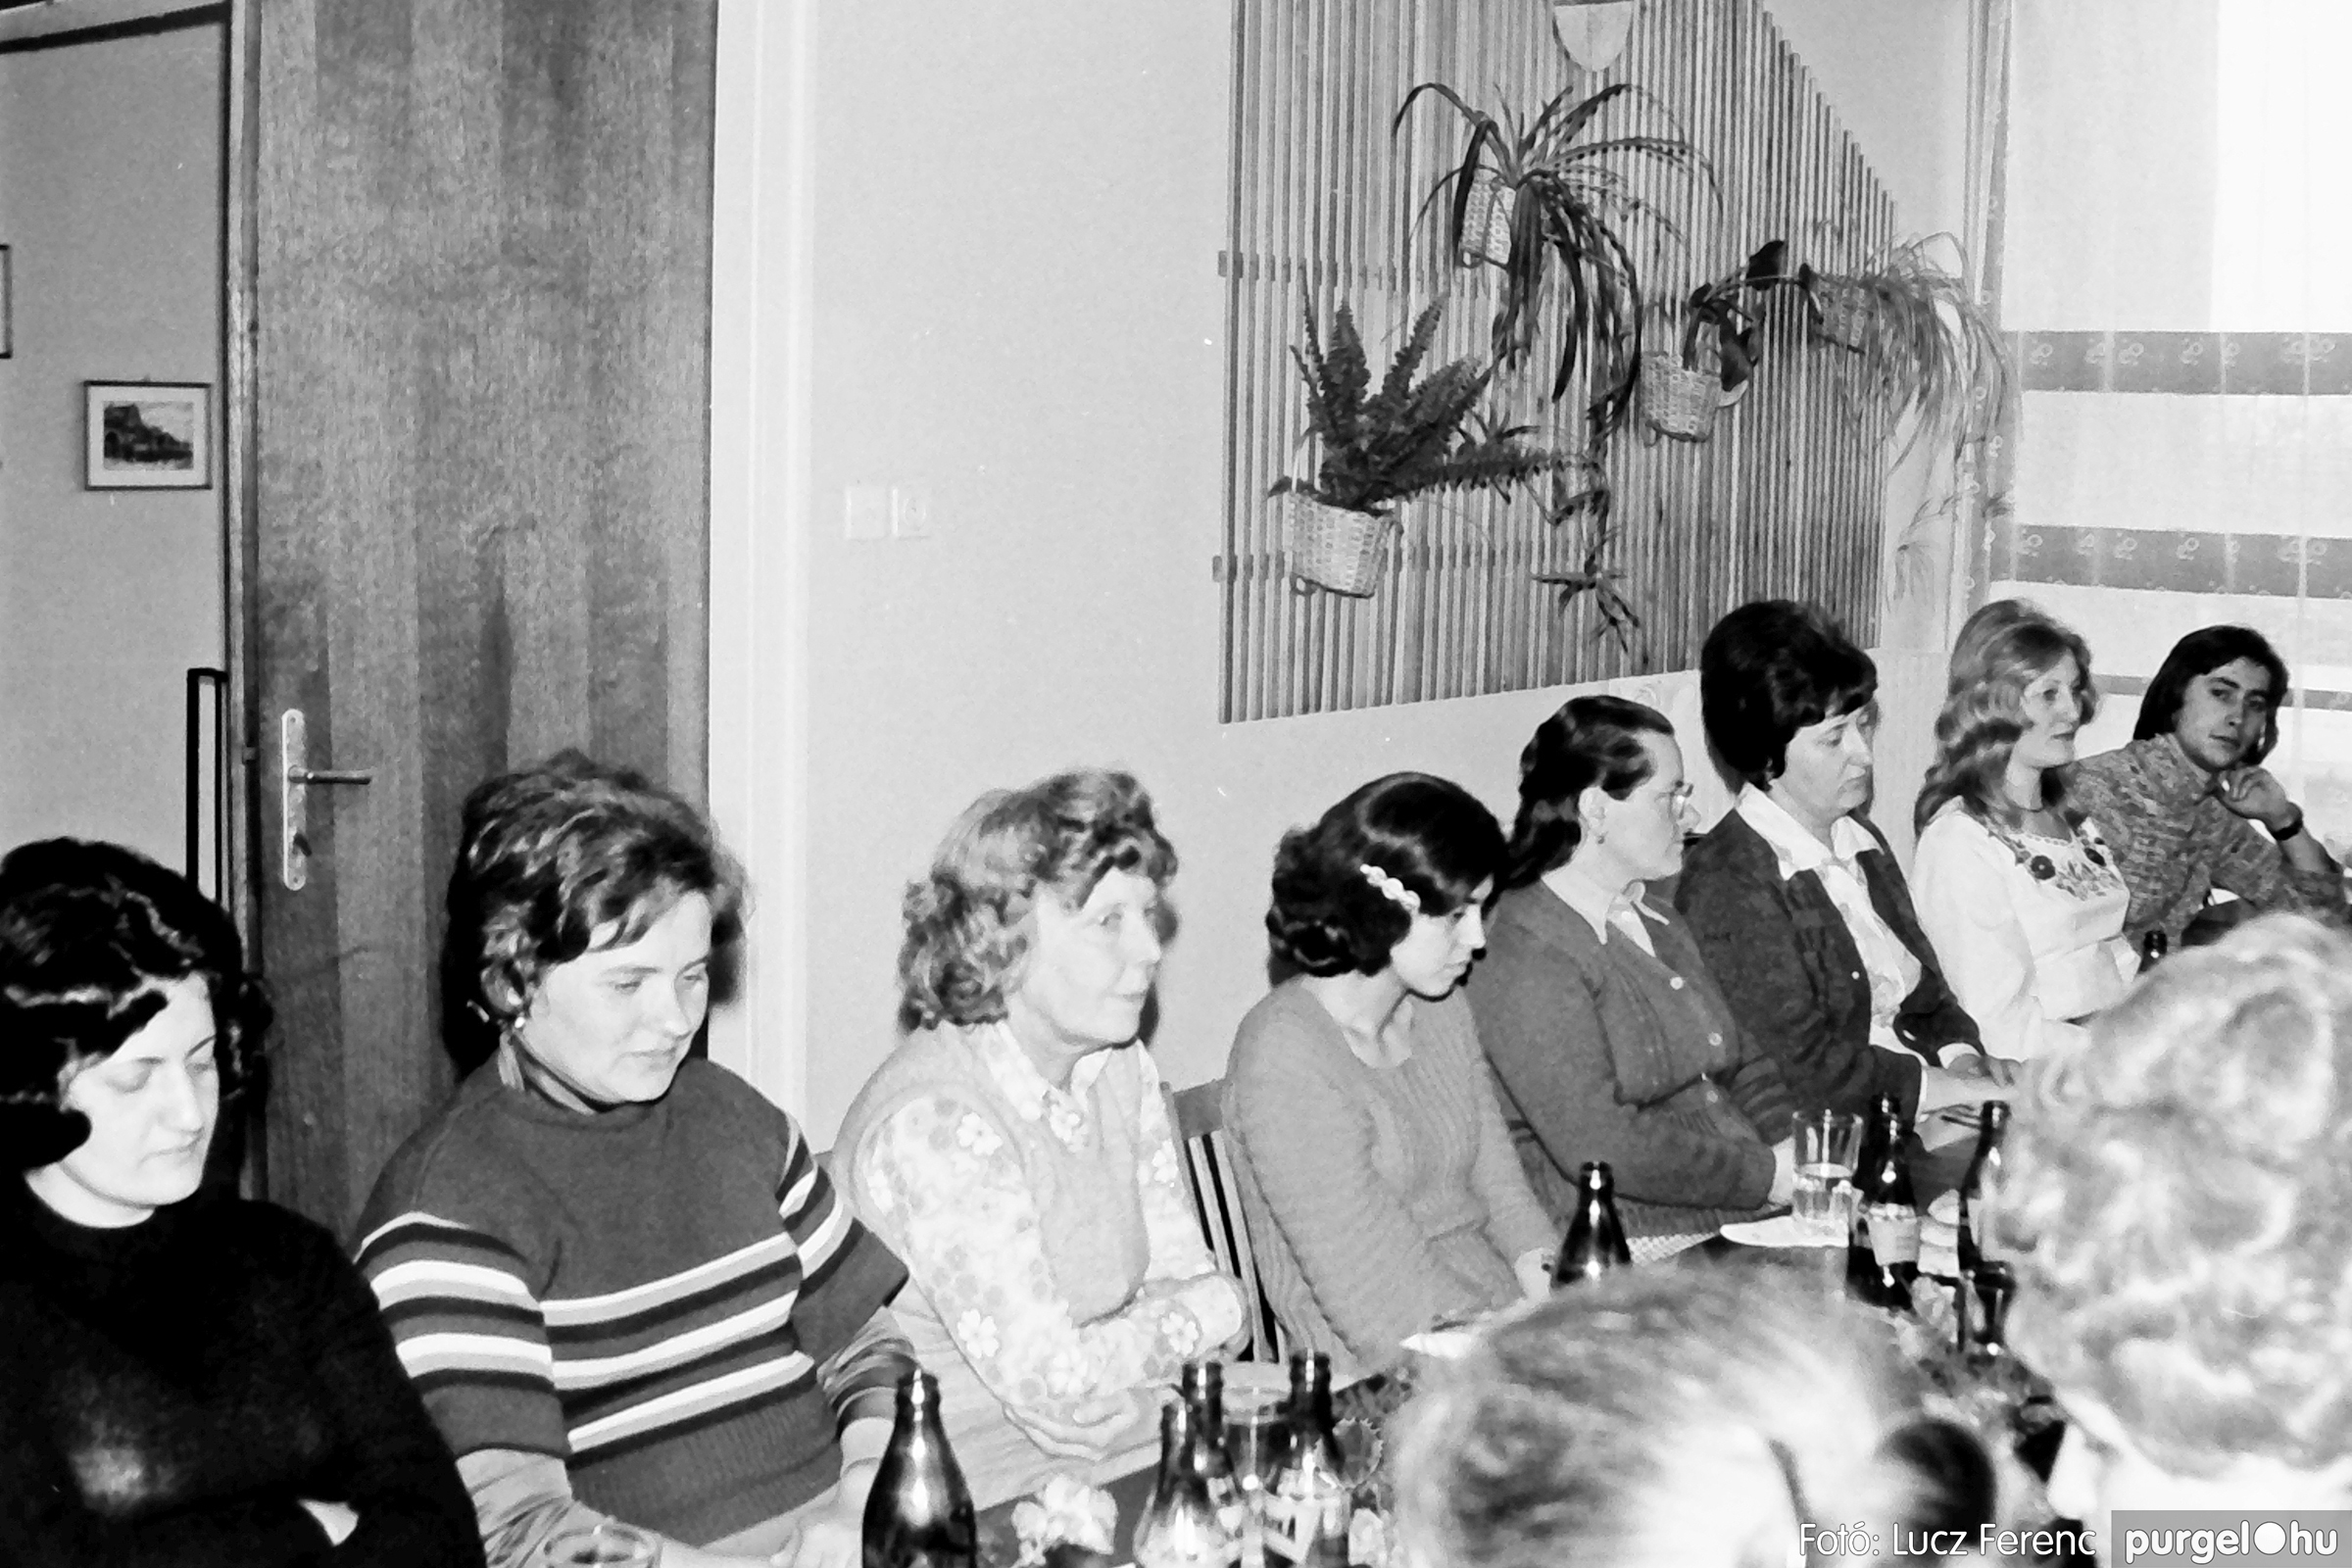 104. 1978. Nőnapi ünnepség a tanácsházban 008. - Fotó: Lucz Ferenc.jpg